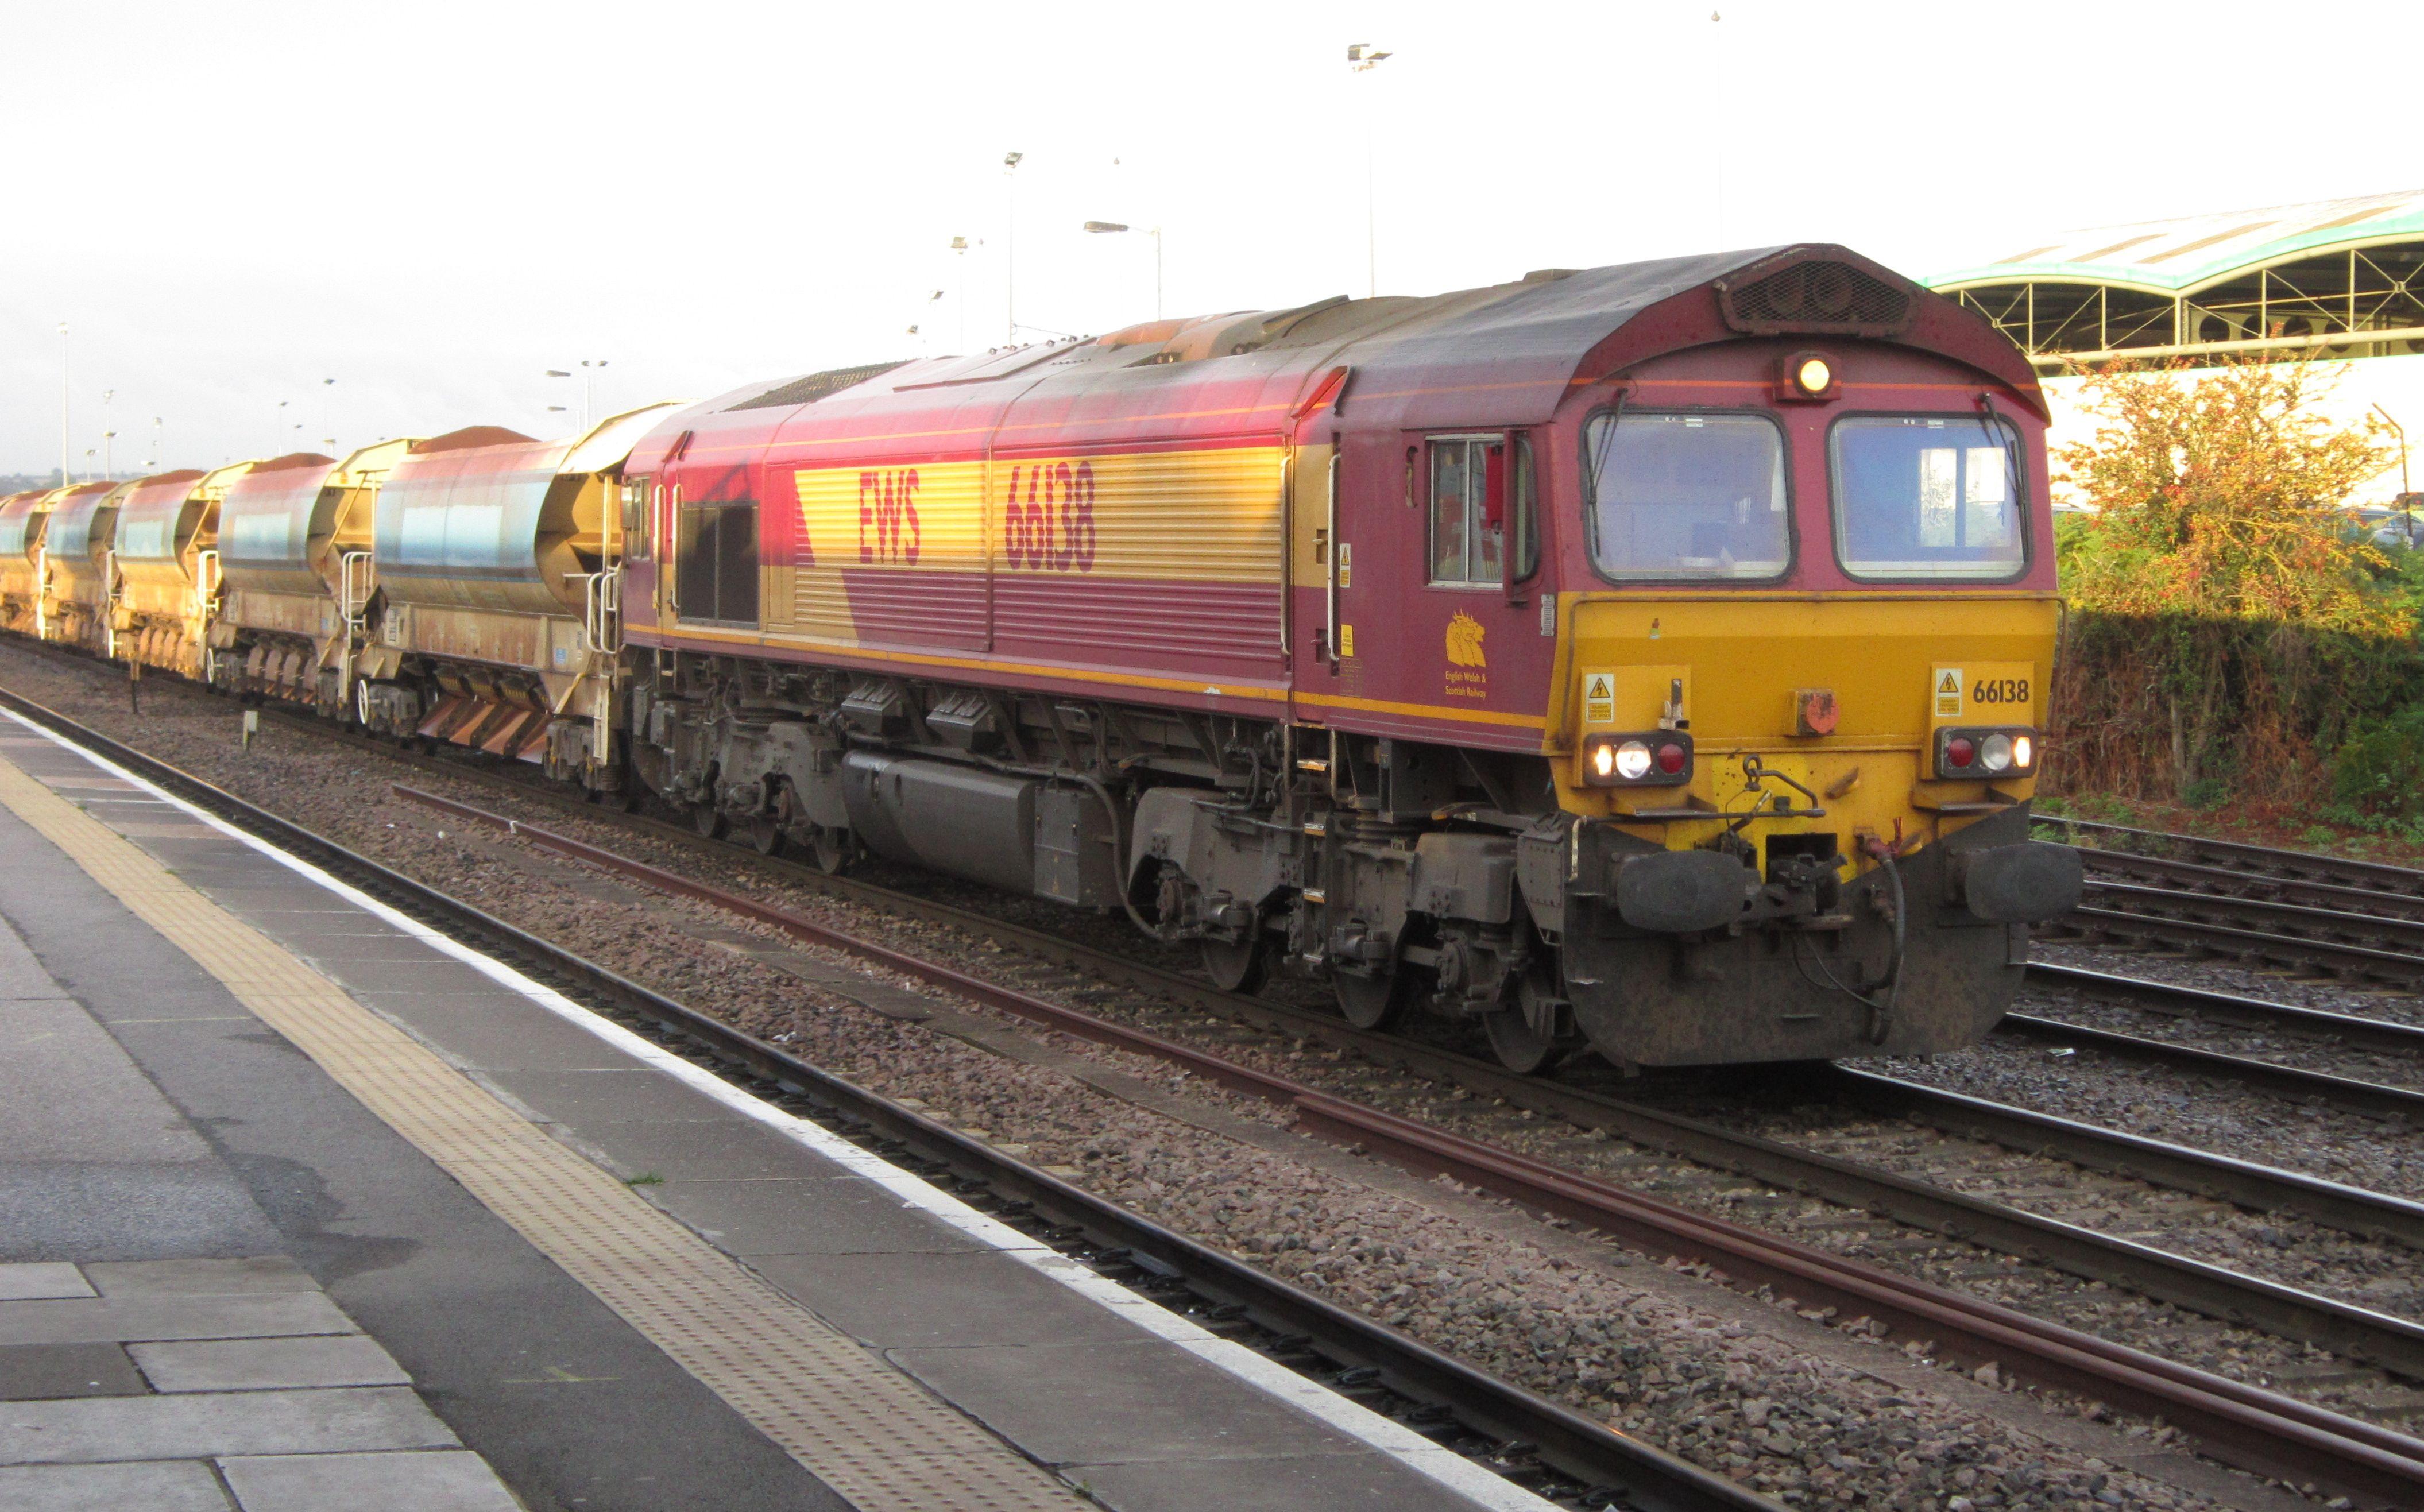 Emd Jt42cwr British Rail Class 66